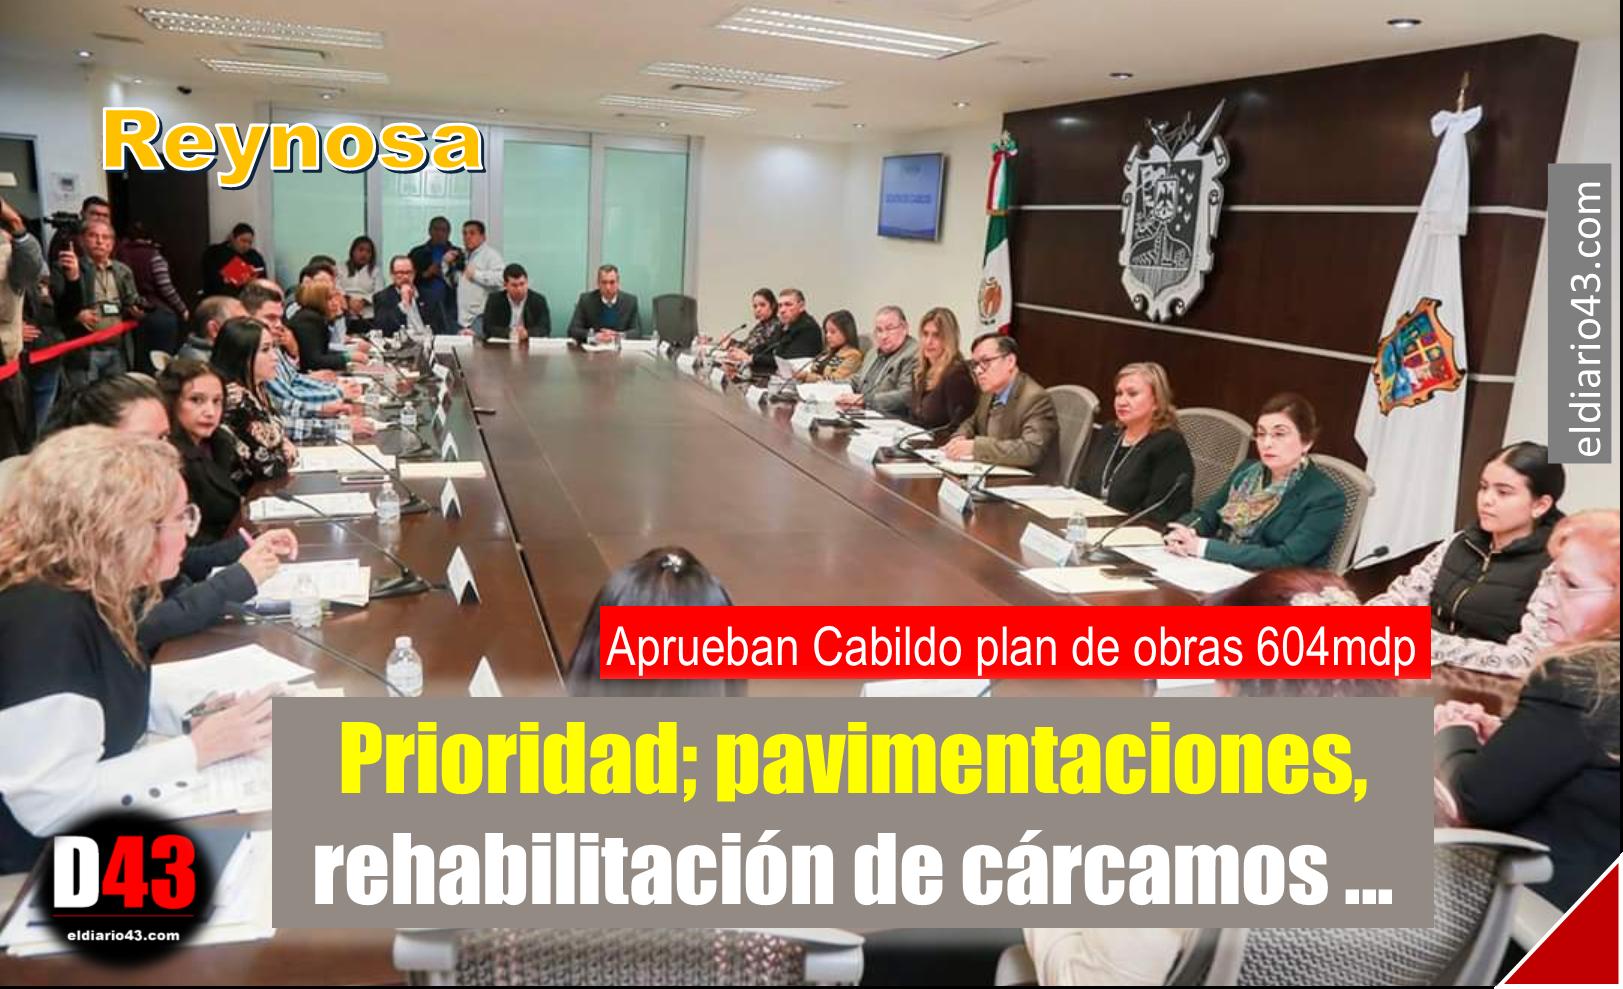 Autorizan plan municipal de obras aplicando una inversión de 604 millones de pesos